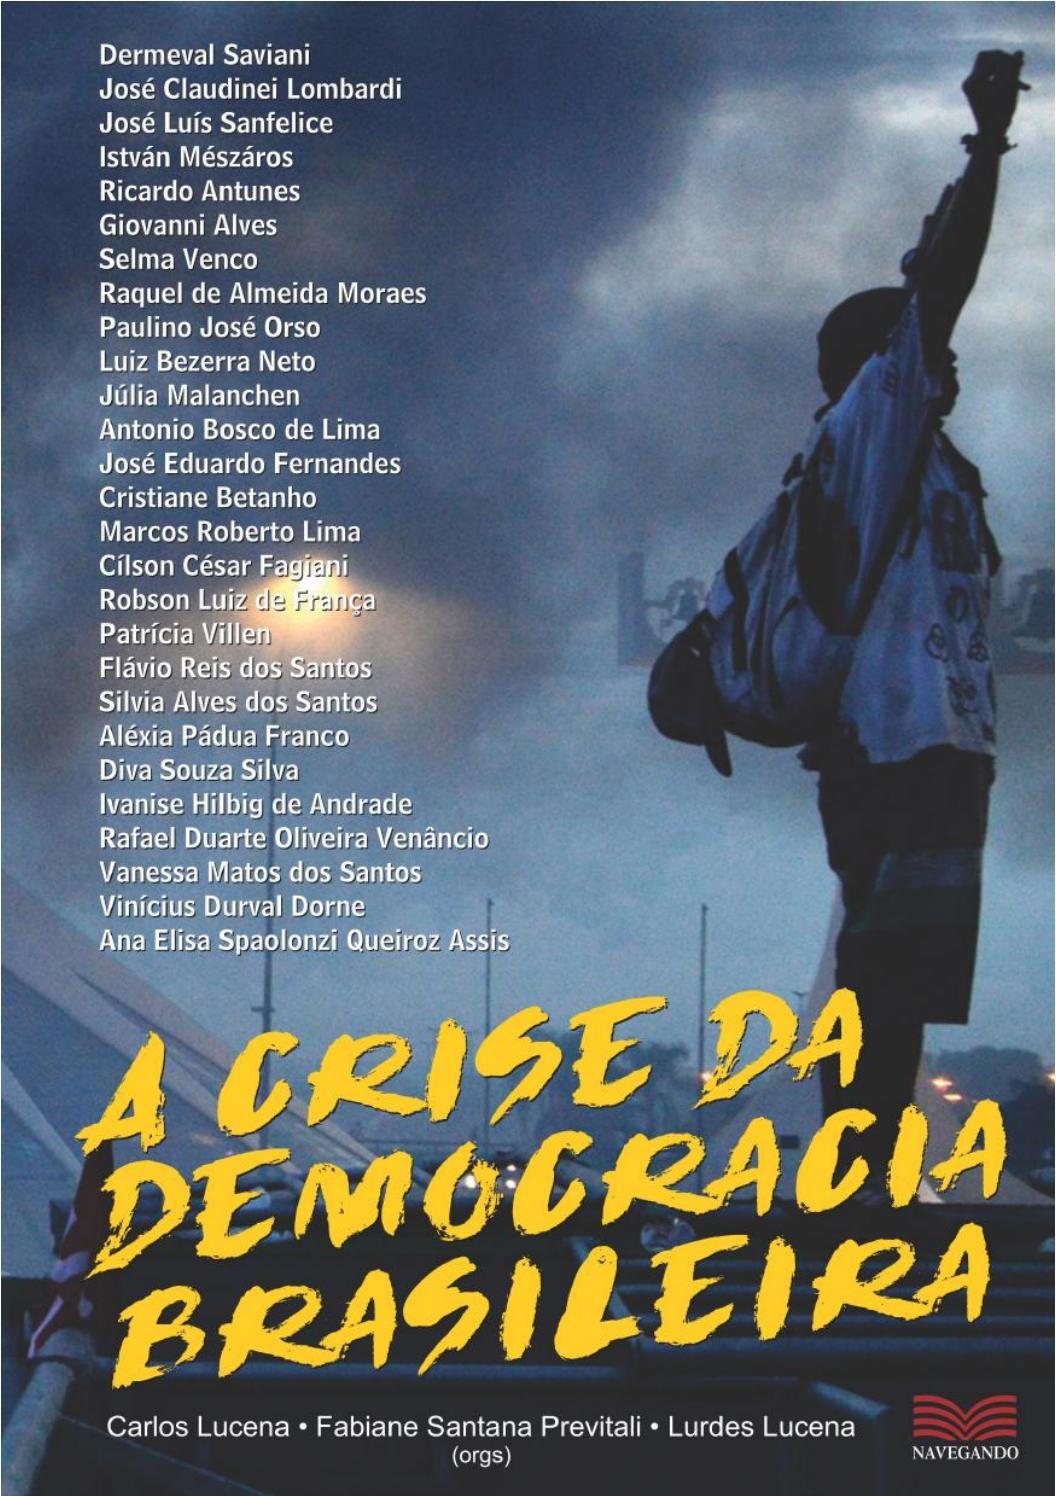 898d02805c A CRISE DA DEMOCRACIA BRASILEIRA by Carlos Lucena - issuu